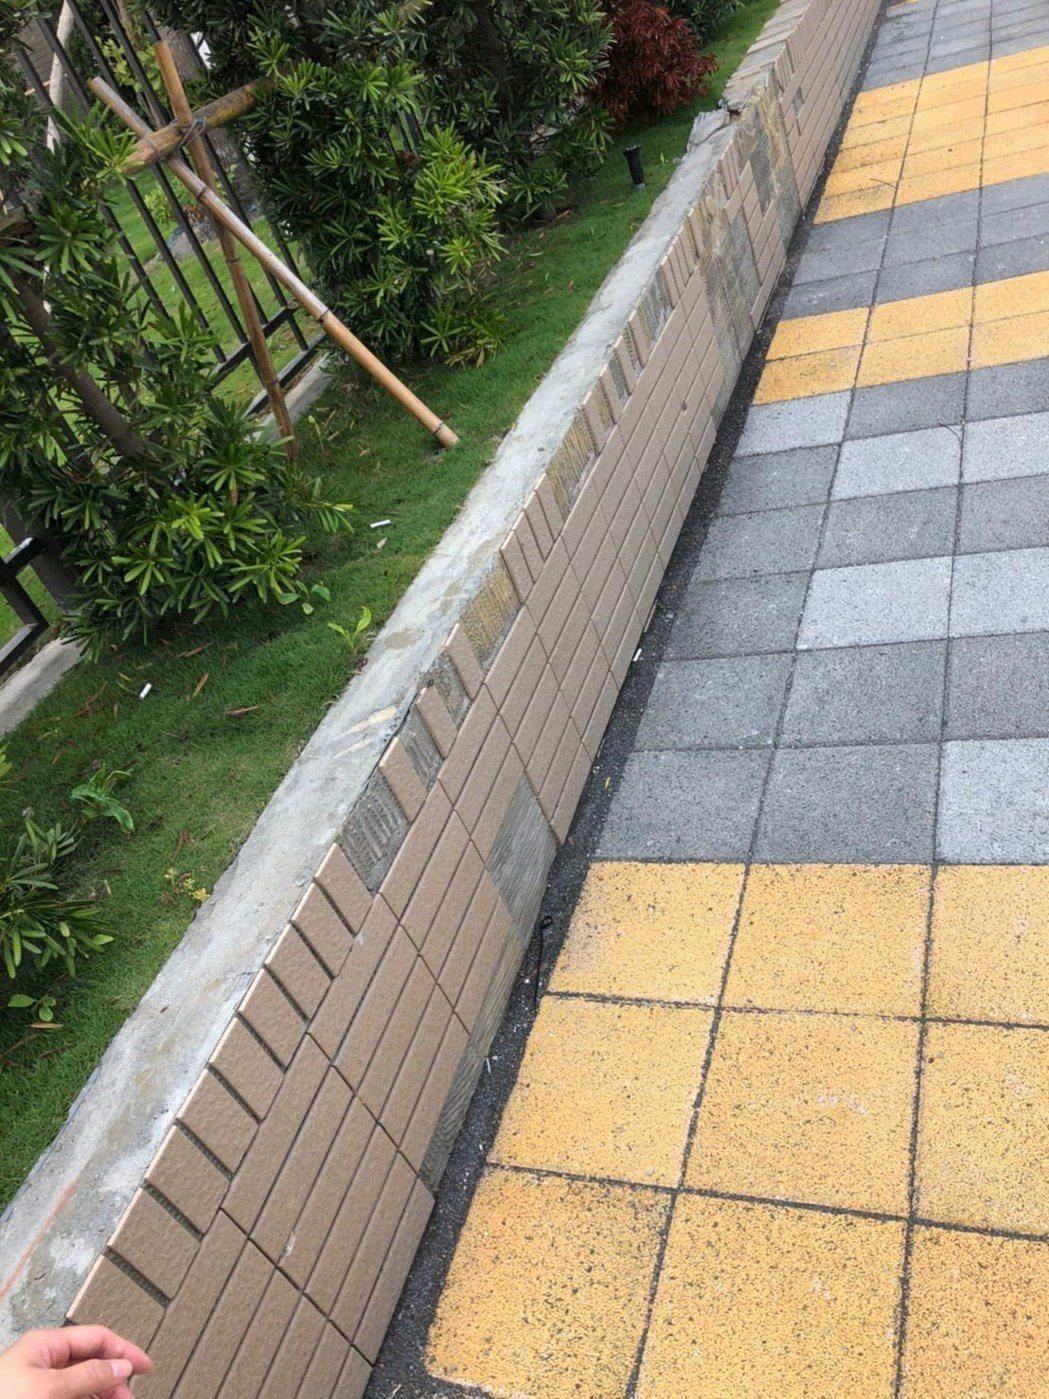 一名網友在臉書「靠北建商2.0」爆料,指台南某間新成屋施工品質不佳。 圖擷自臉書